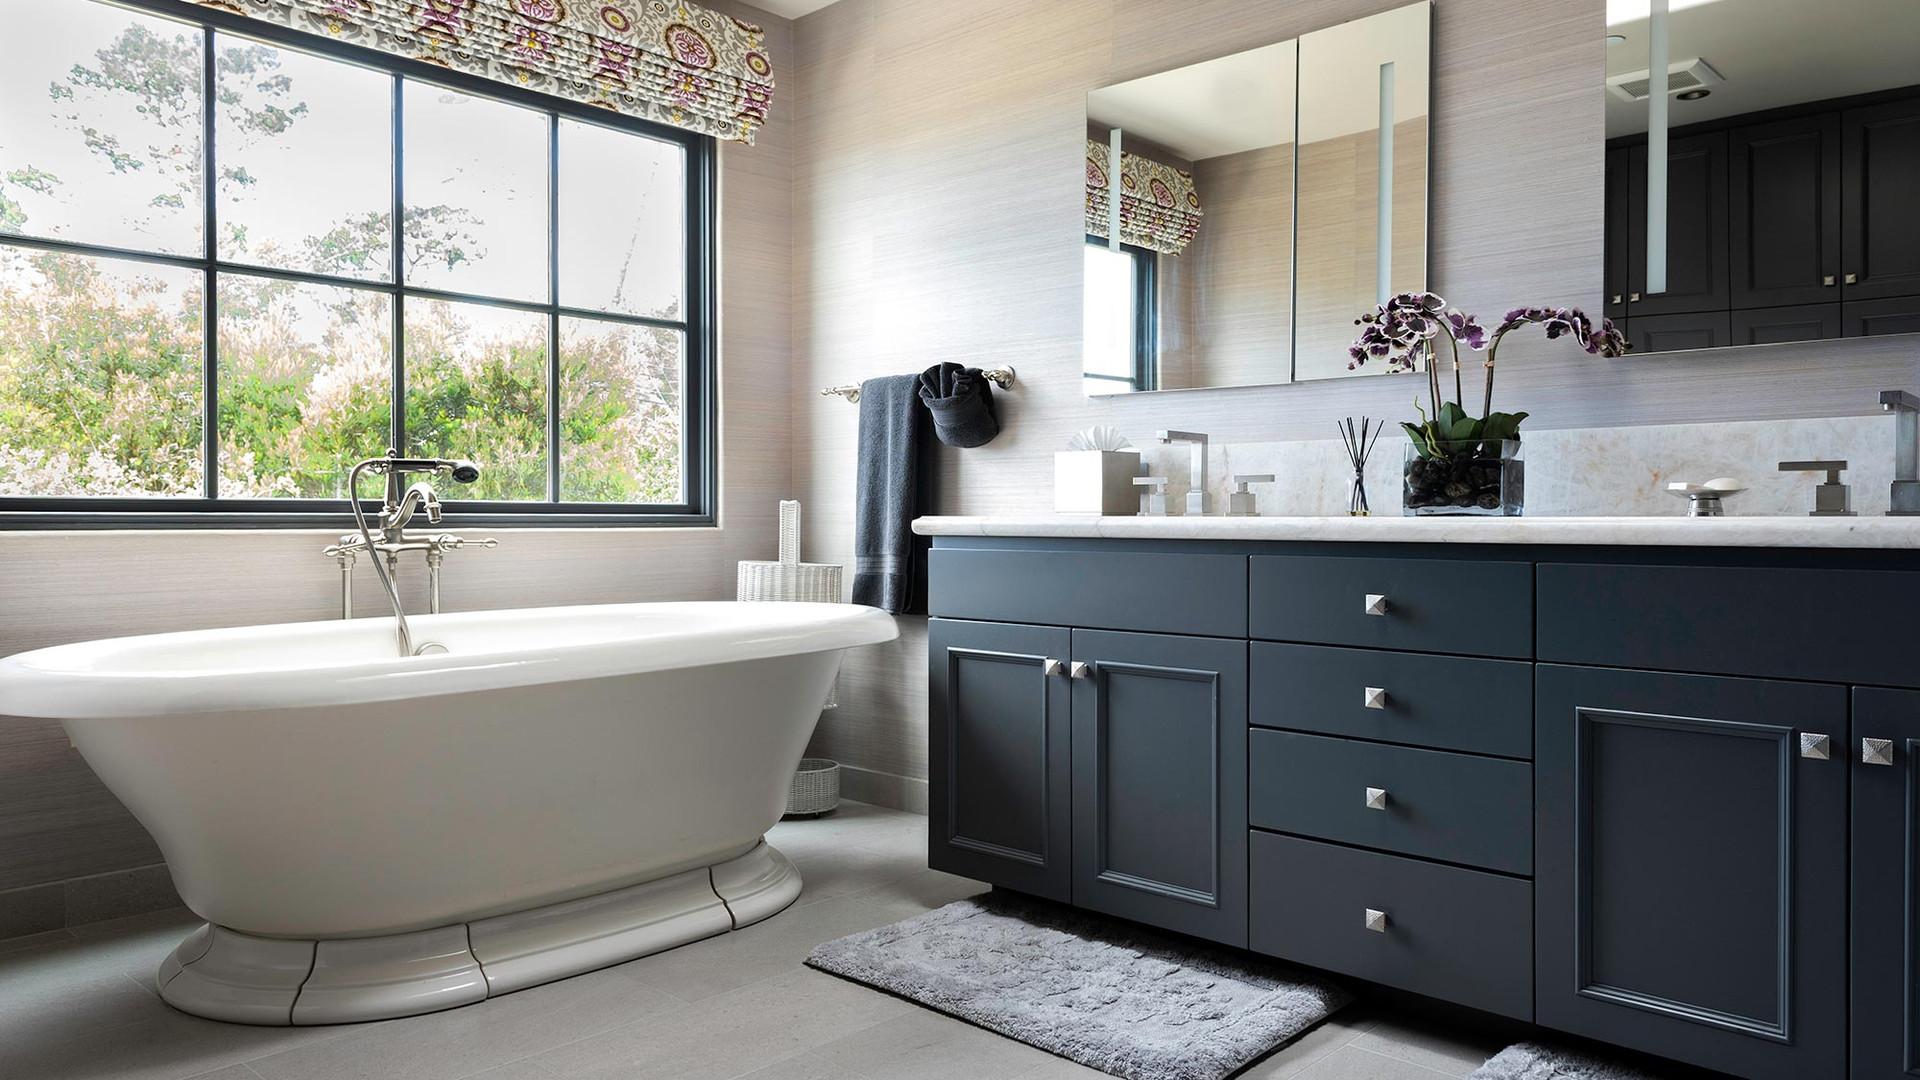 Dorman-bathroom-full.JPG